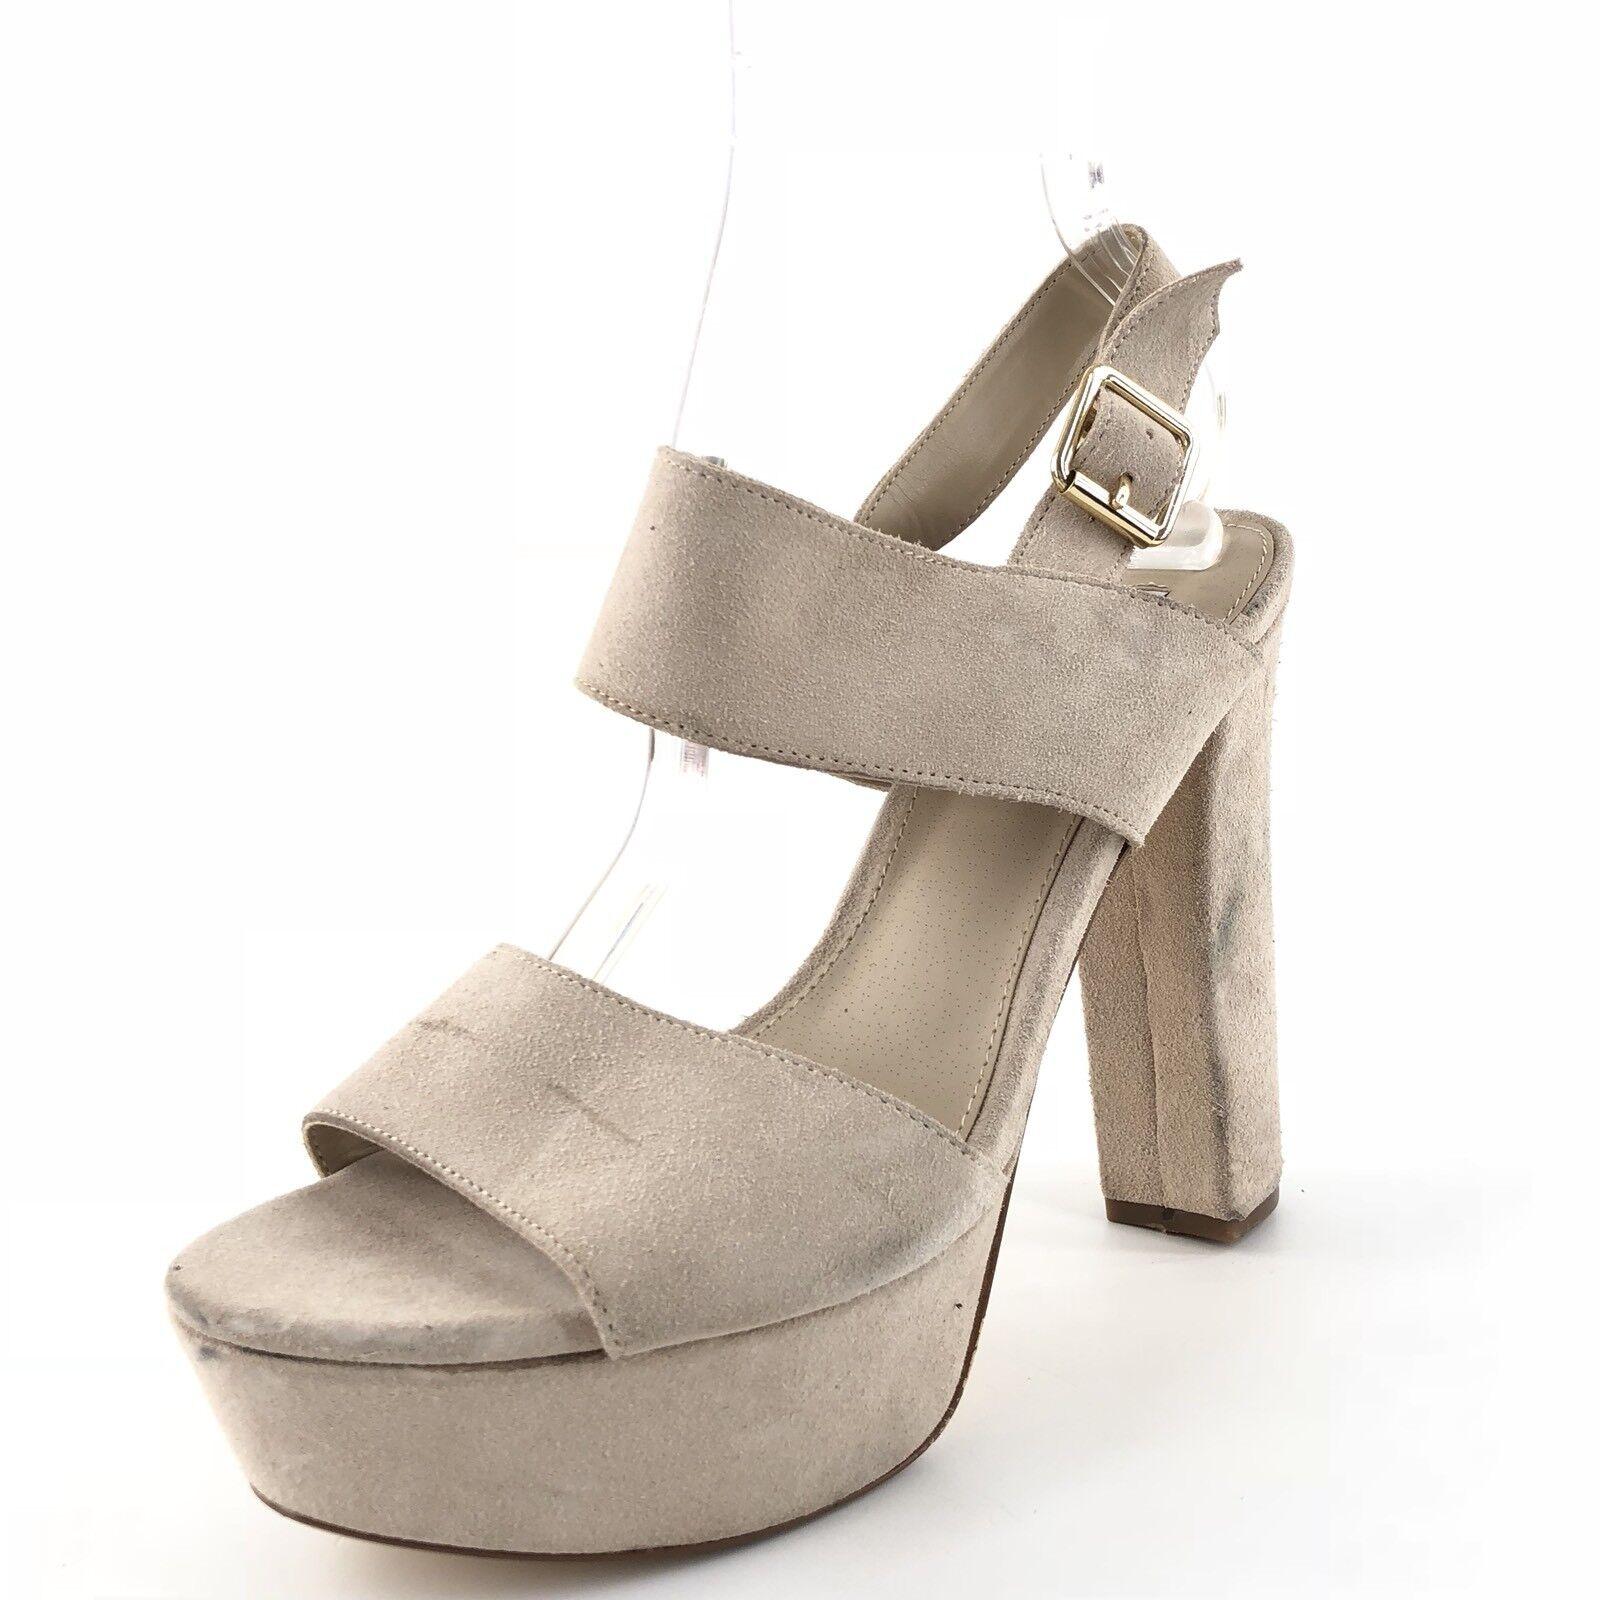 spedizione gratuita in tutto il mondo Steve Madden Lenore Bone Suede Ankle Strap Platform Platform Platform Sandals donna Dimensione 9 M  salutare